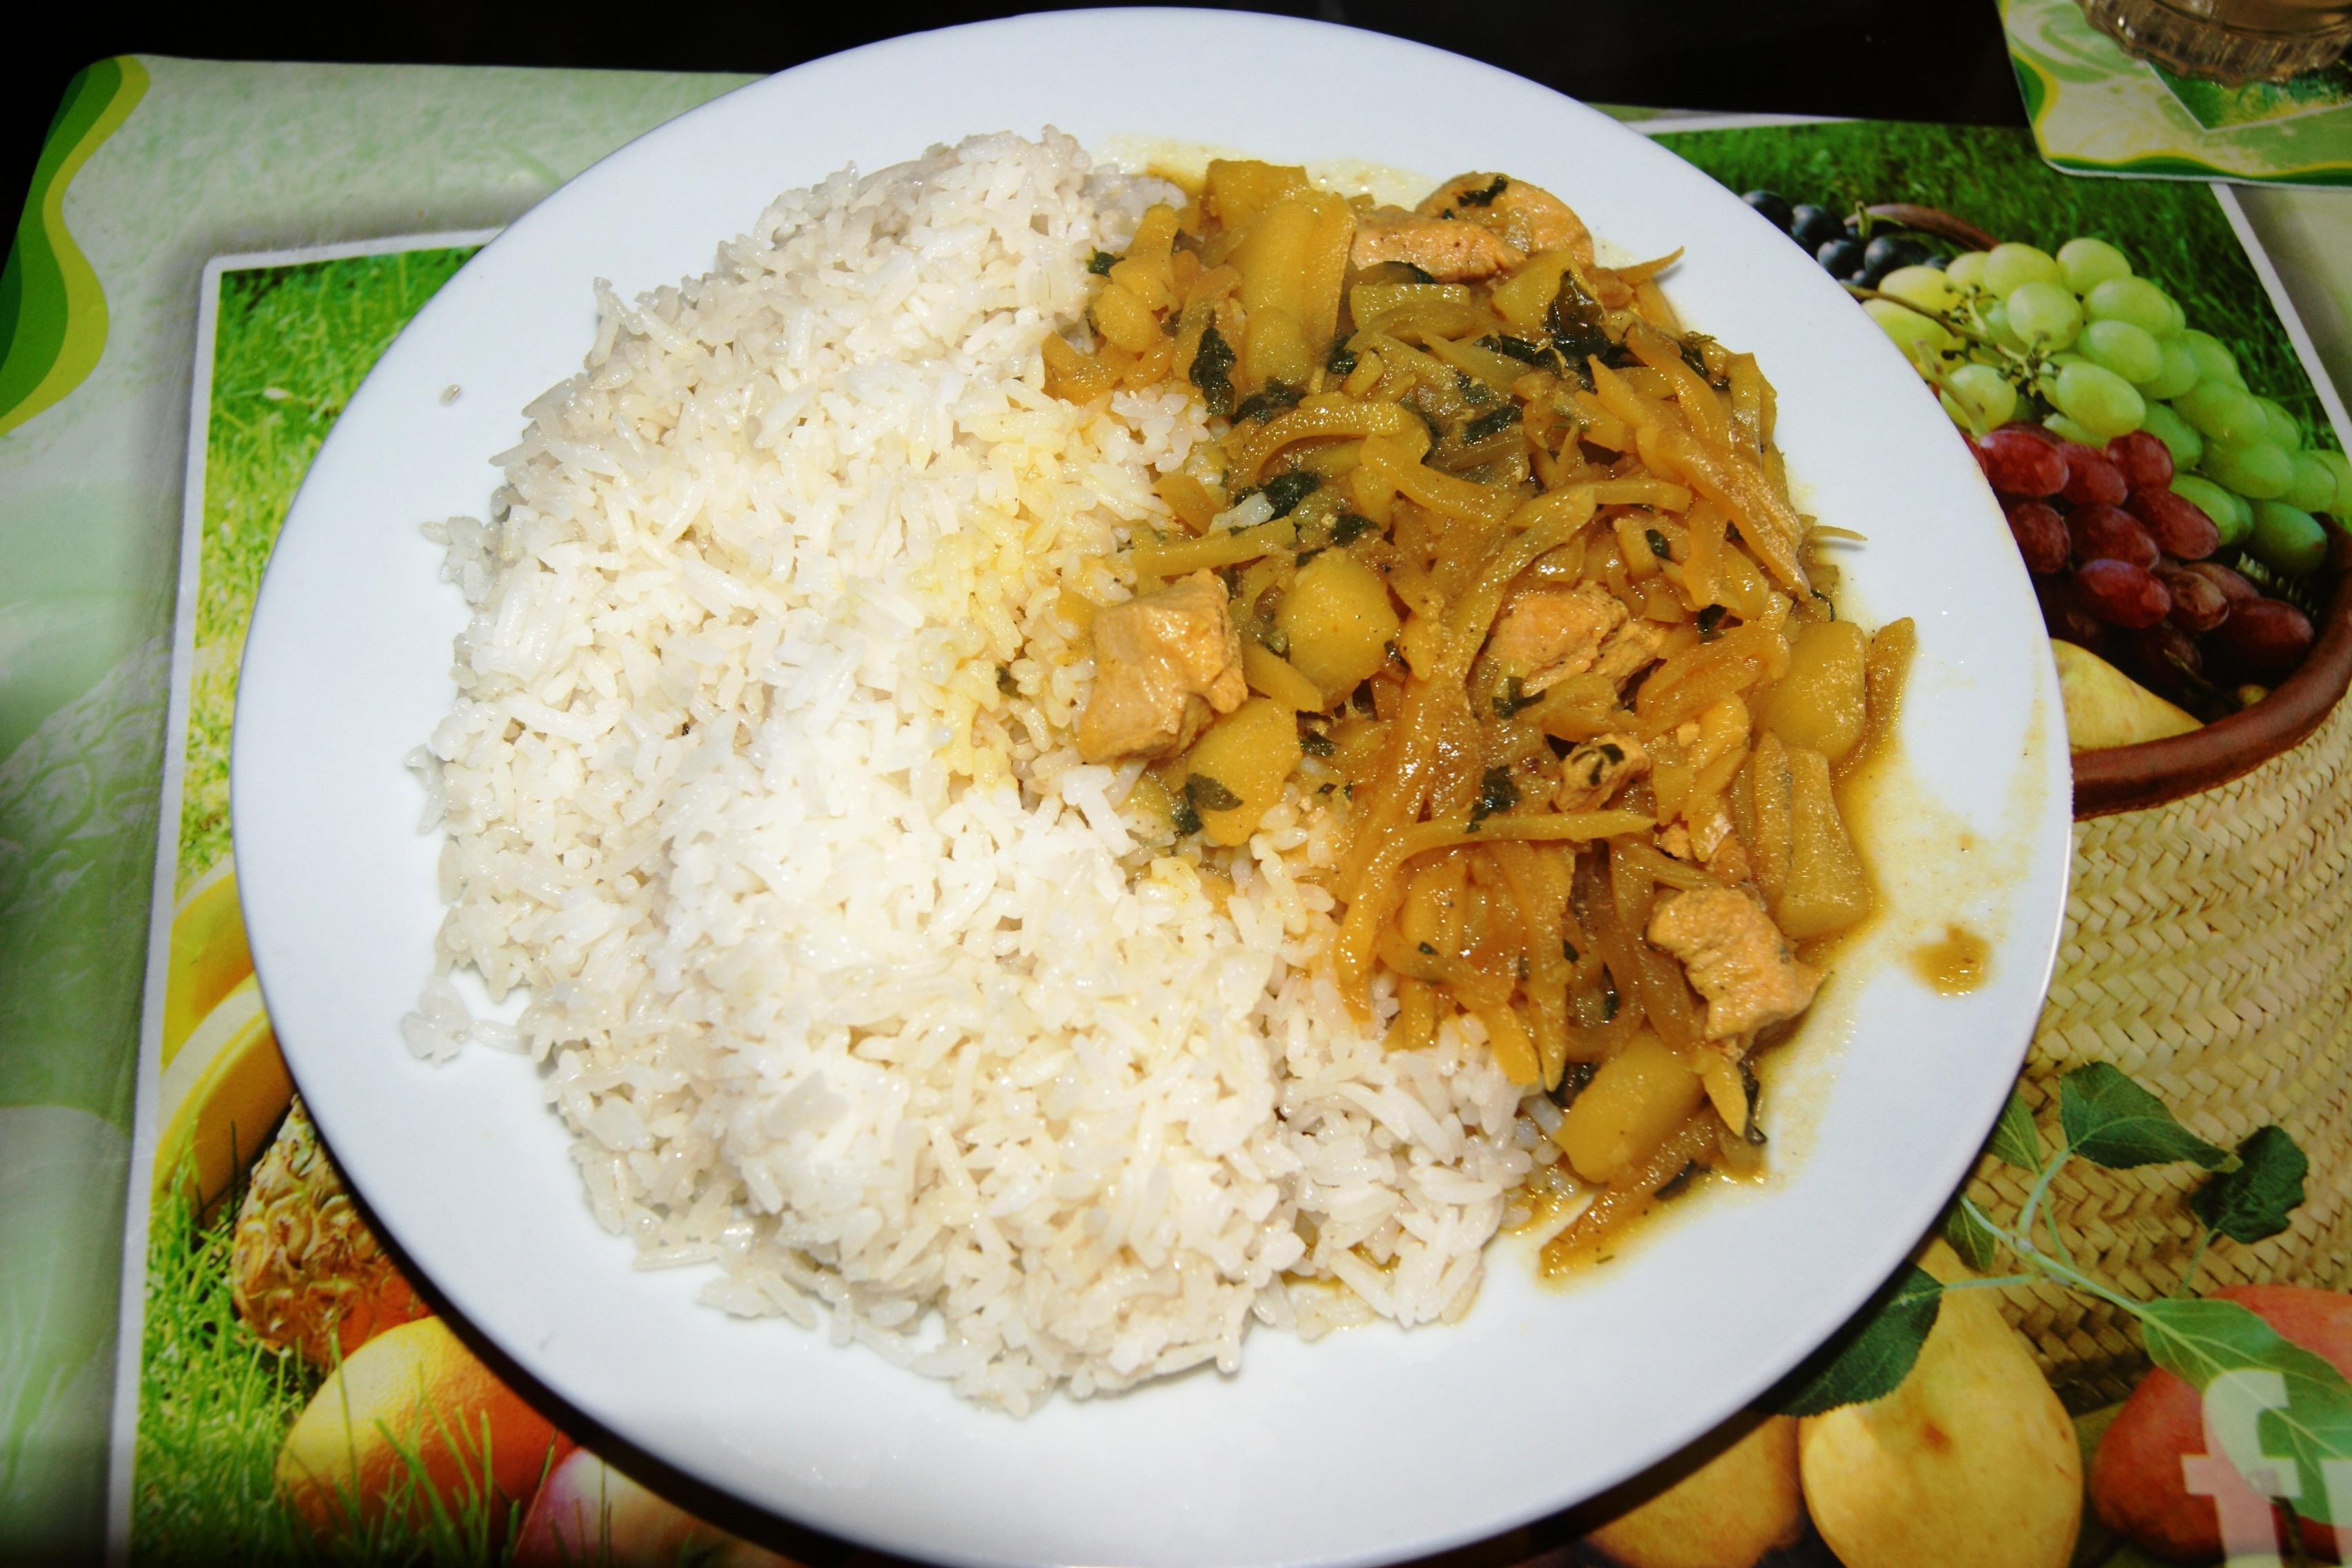 File olluquito con pollo y arroz blanco a - Comidas con arroz blanco ...